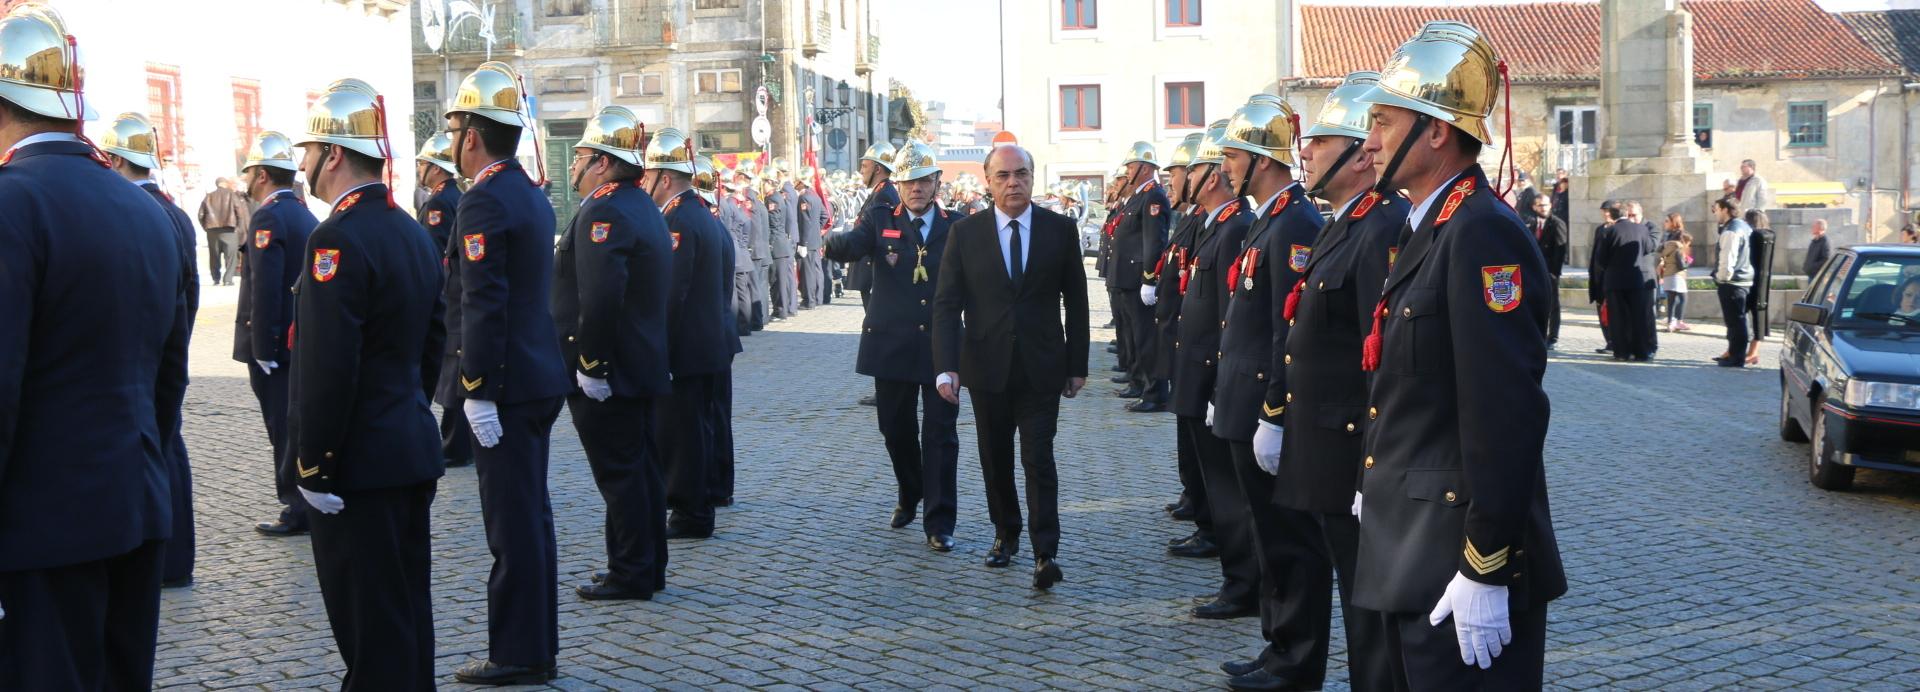 Presidente da Câmara recebe Bombeiros Voluntários de Barcelos em dia de Aniversário